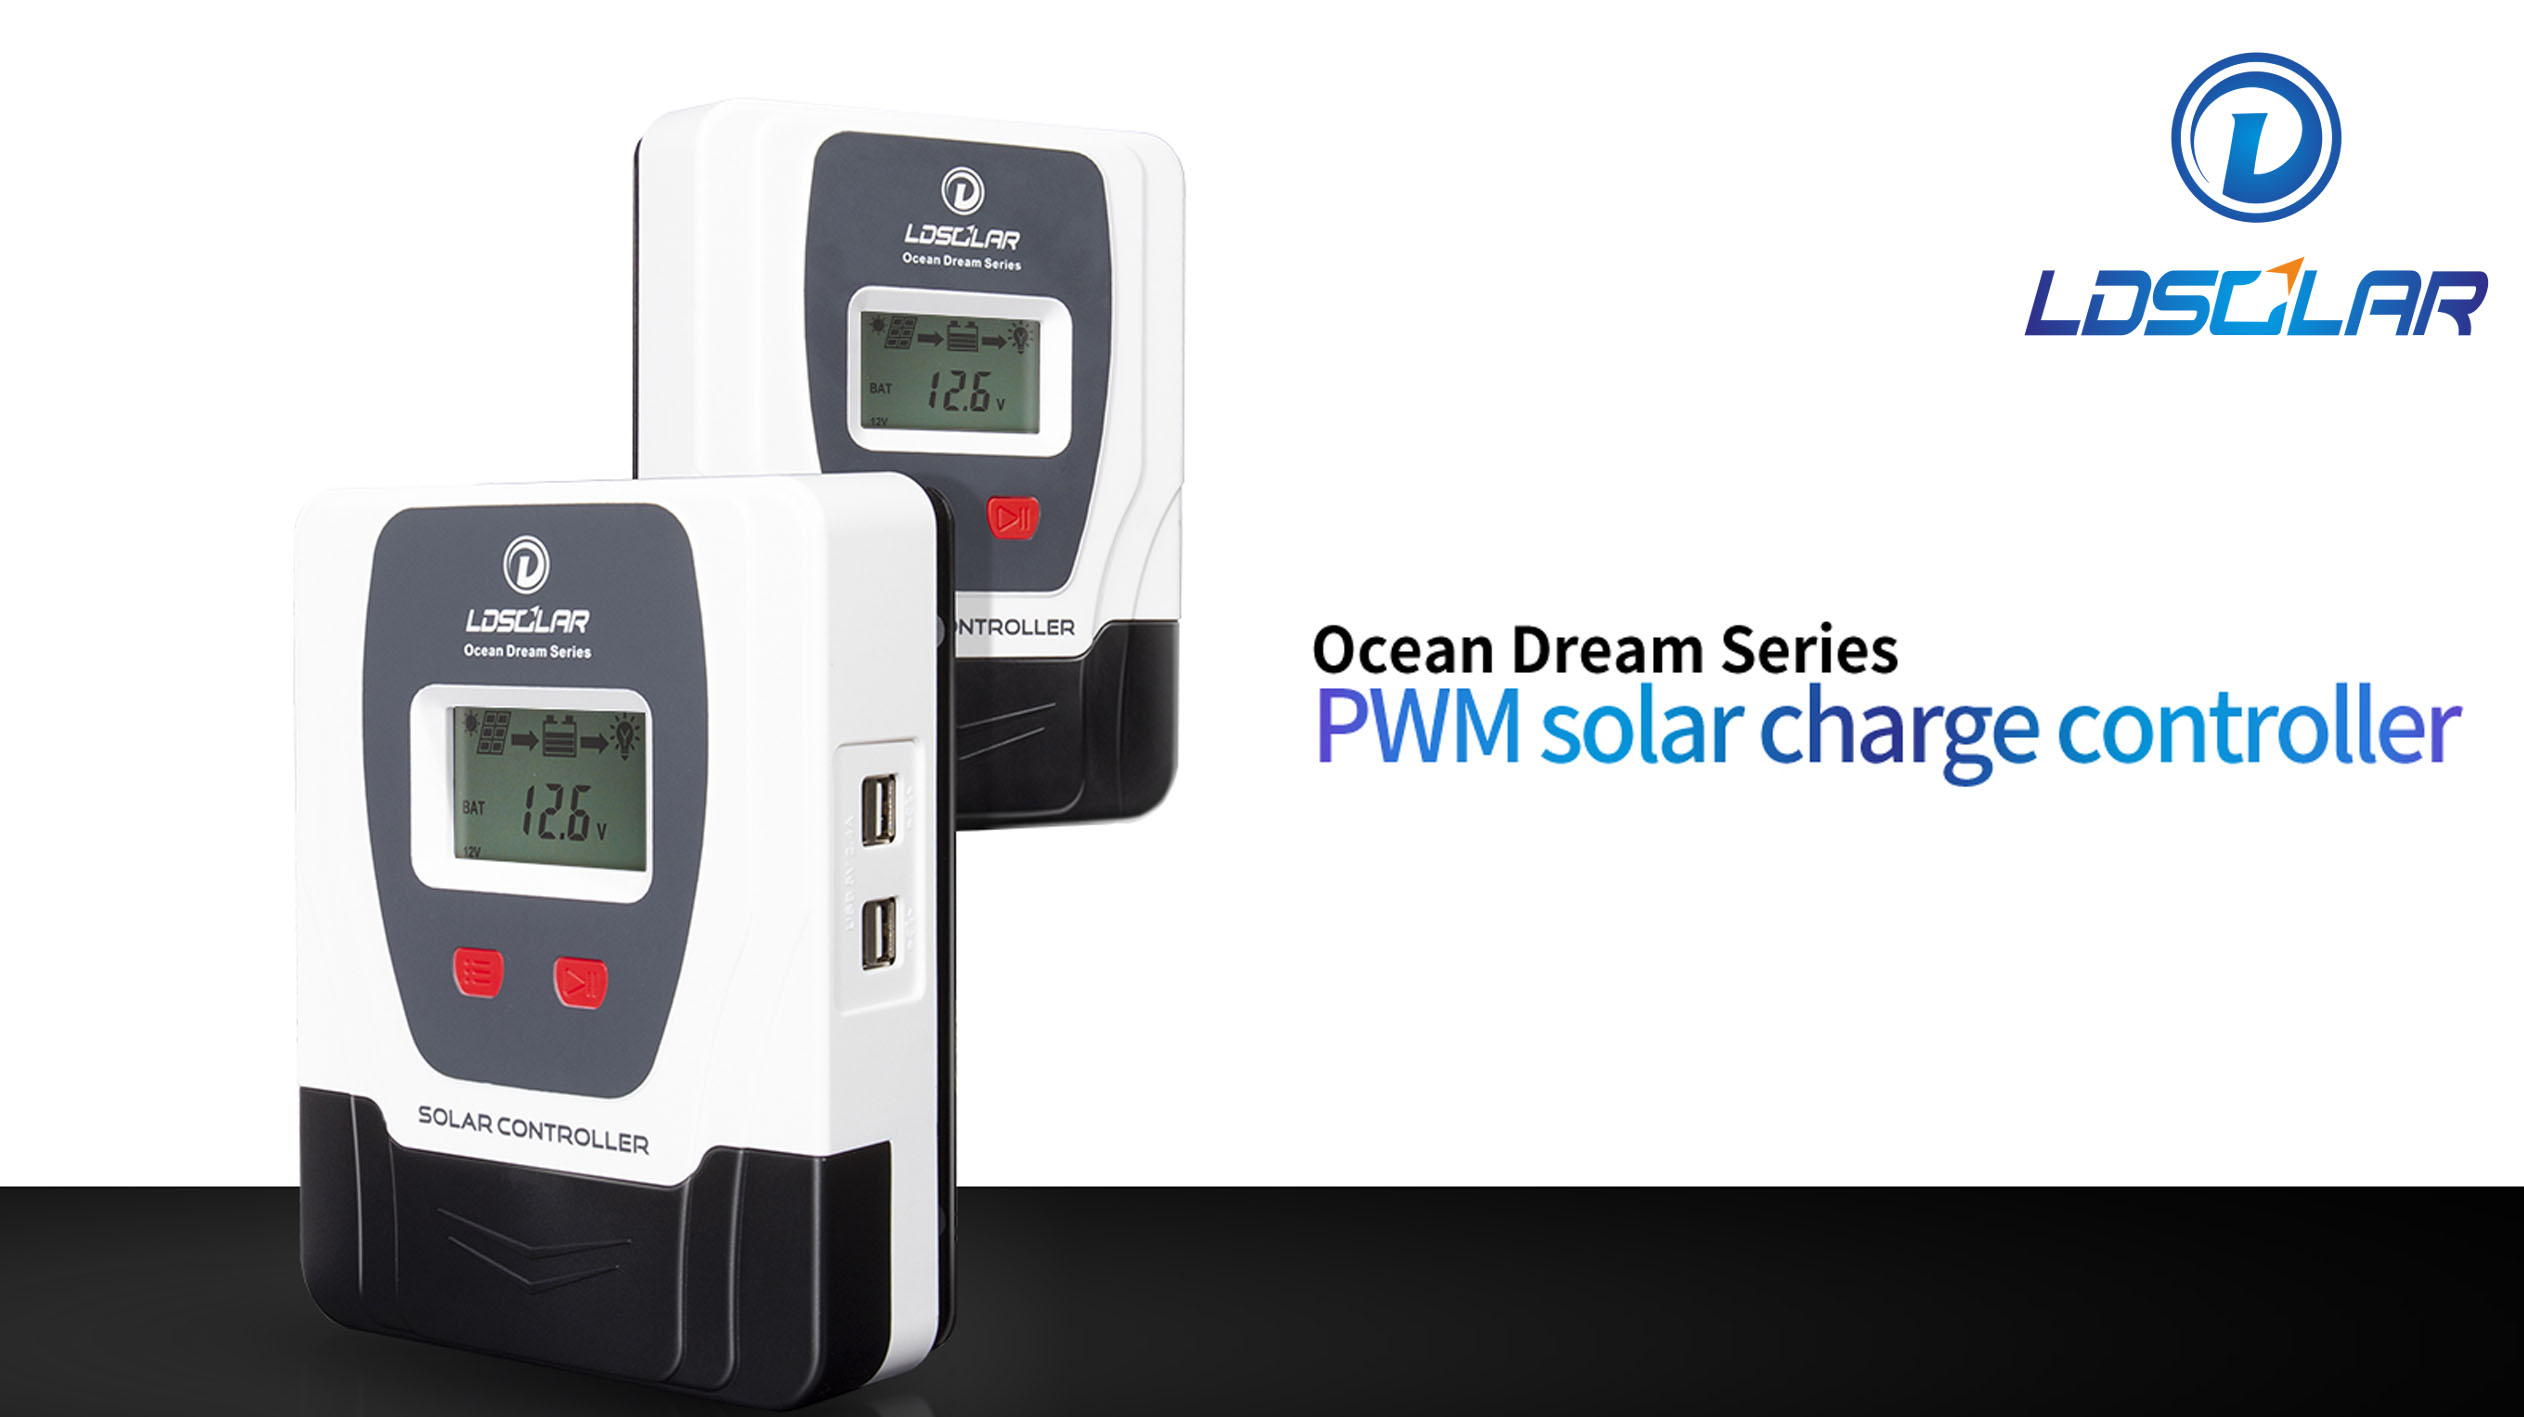 Ocean Dream series PWM solar charge controller